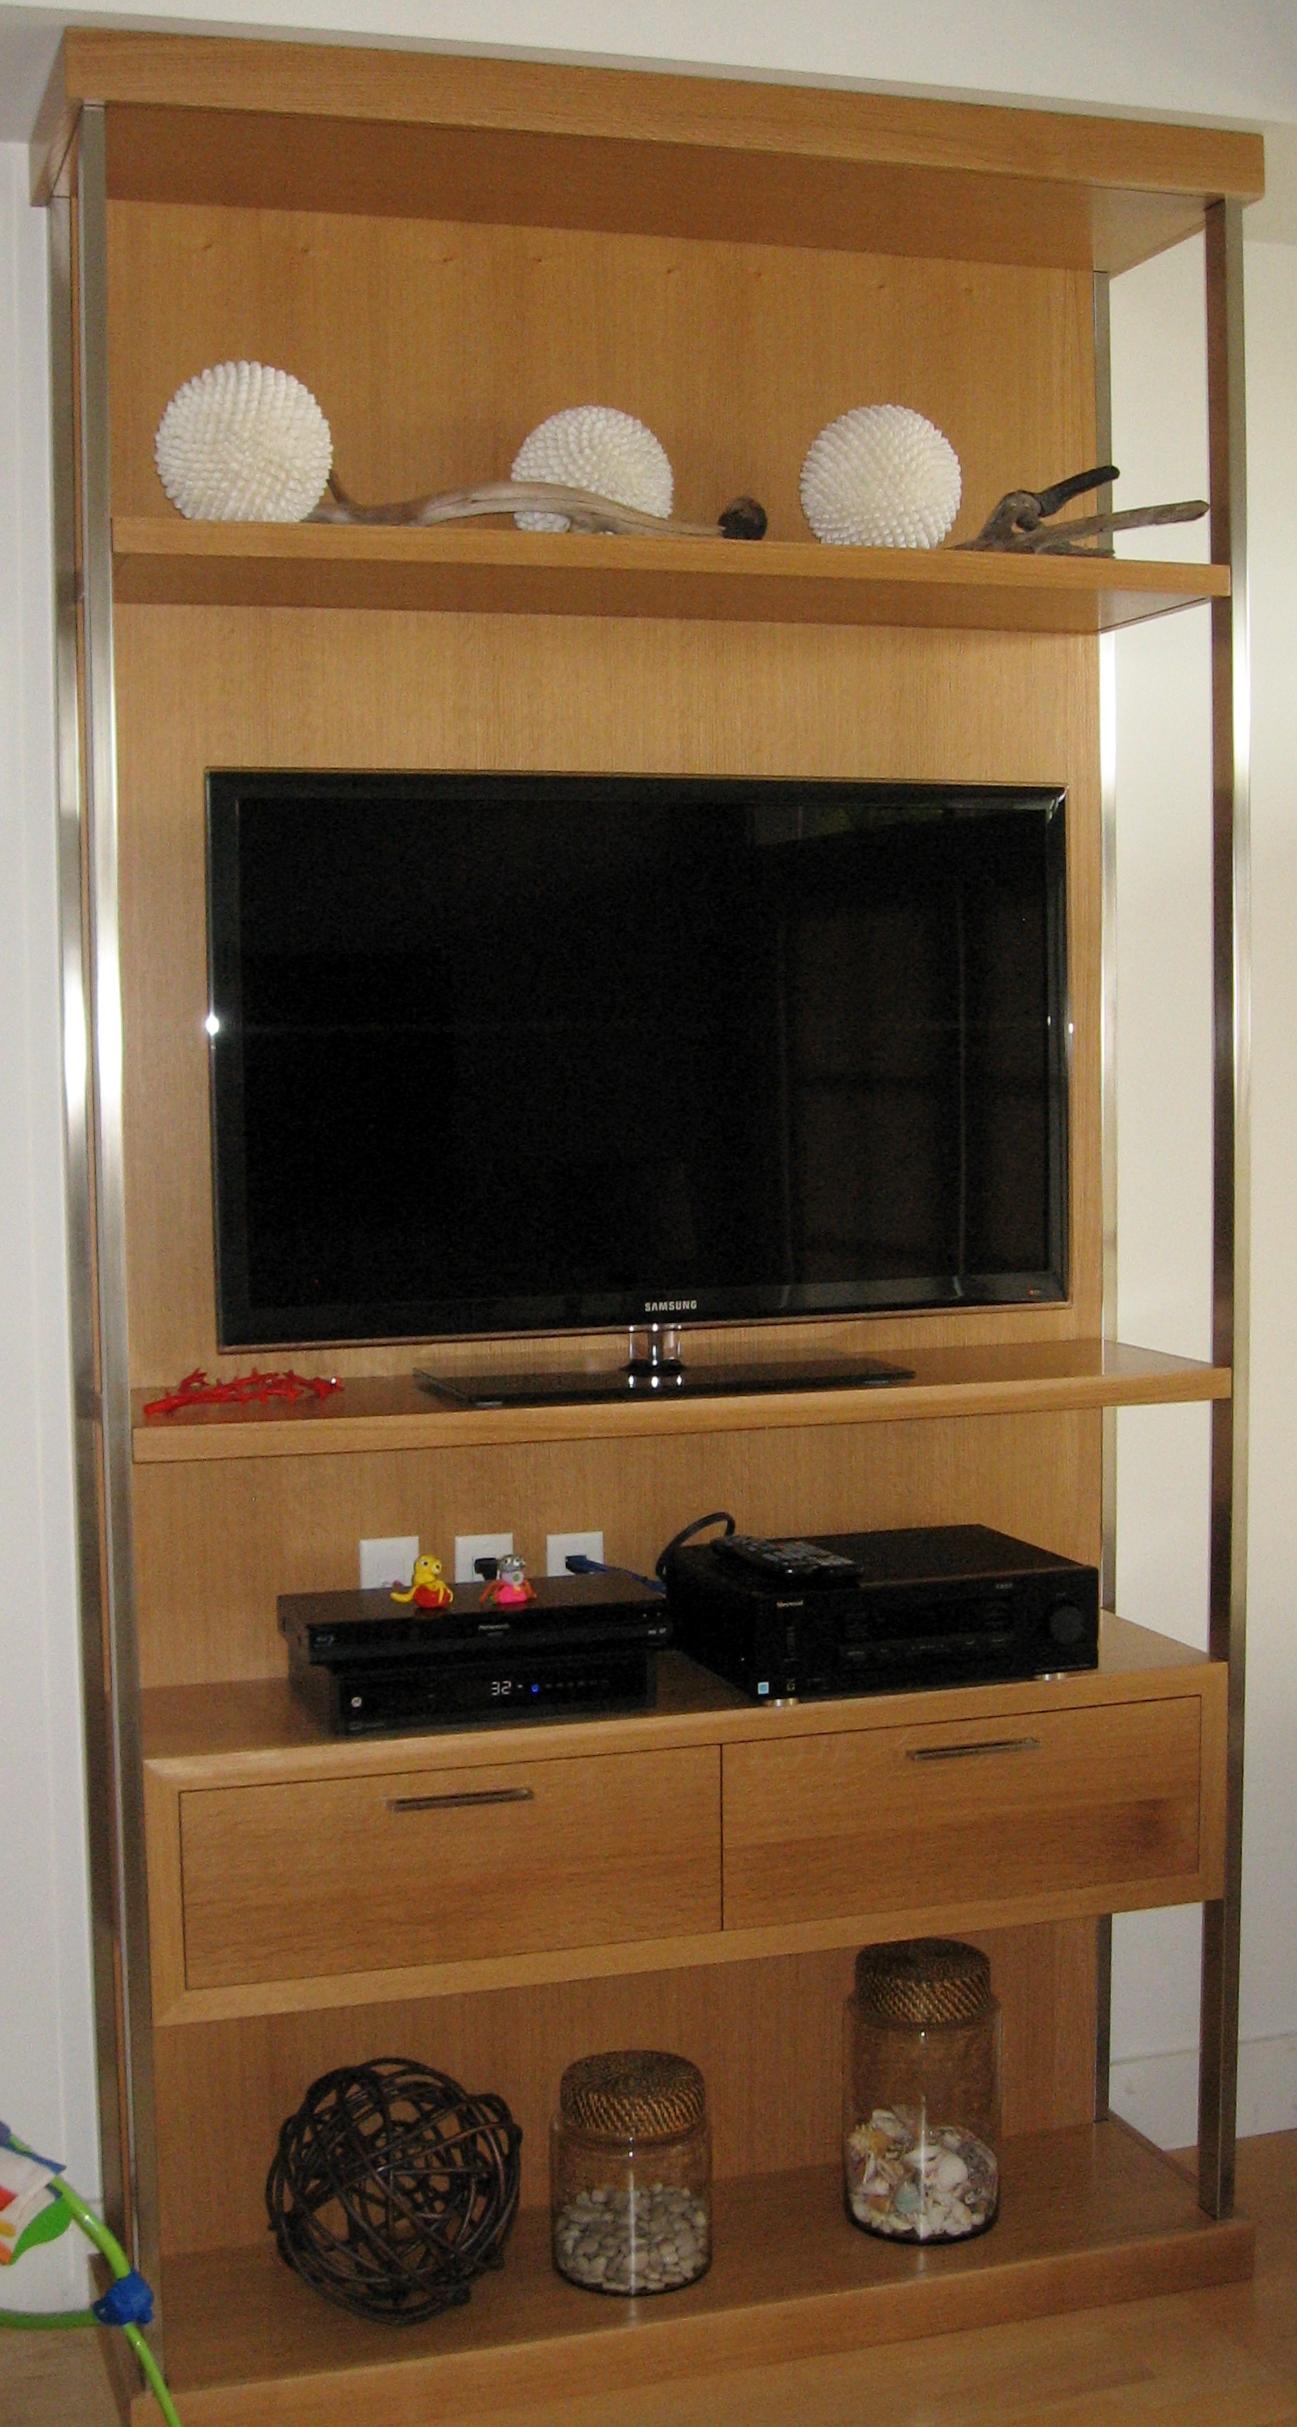 modern-chrome-and-wood-open-tv-display-shelf.JPG